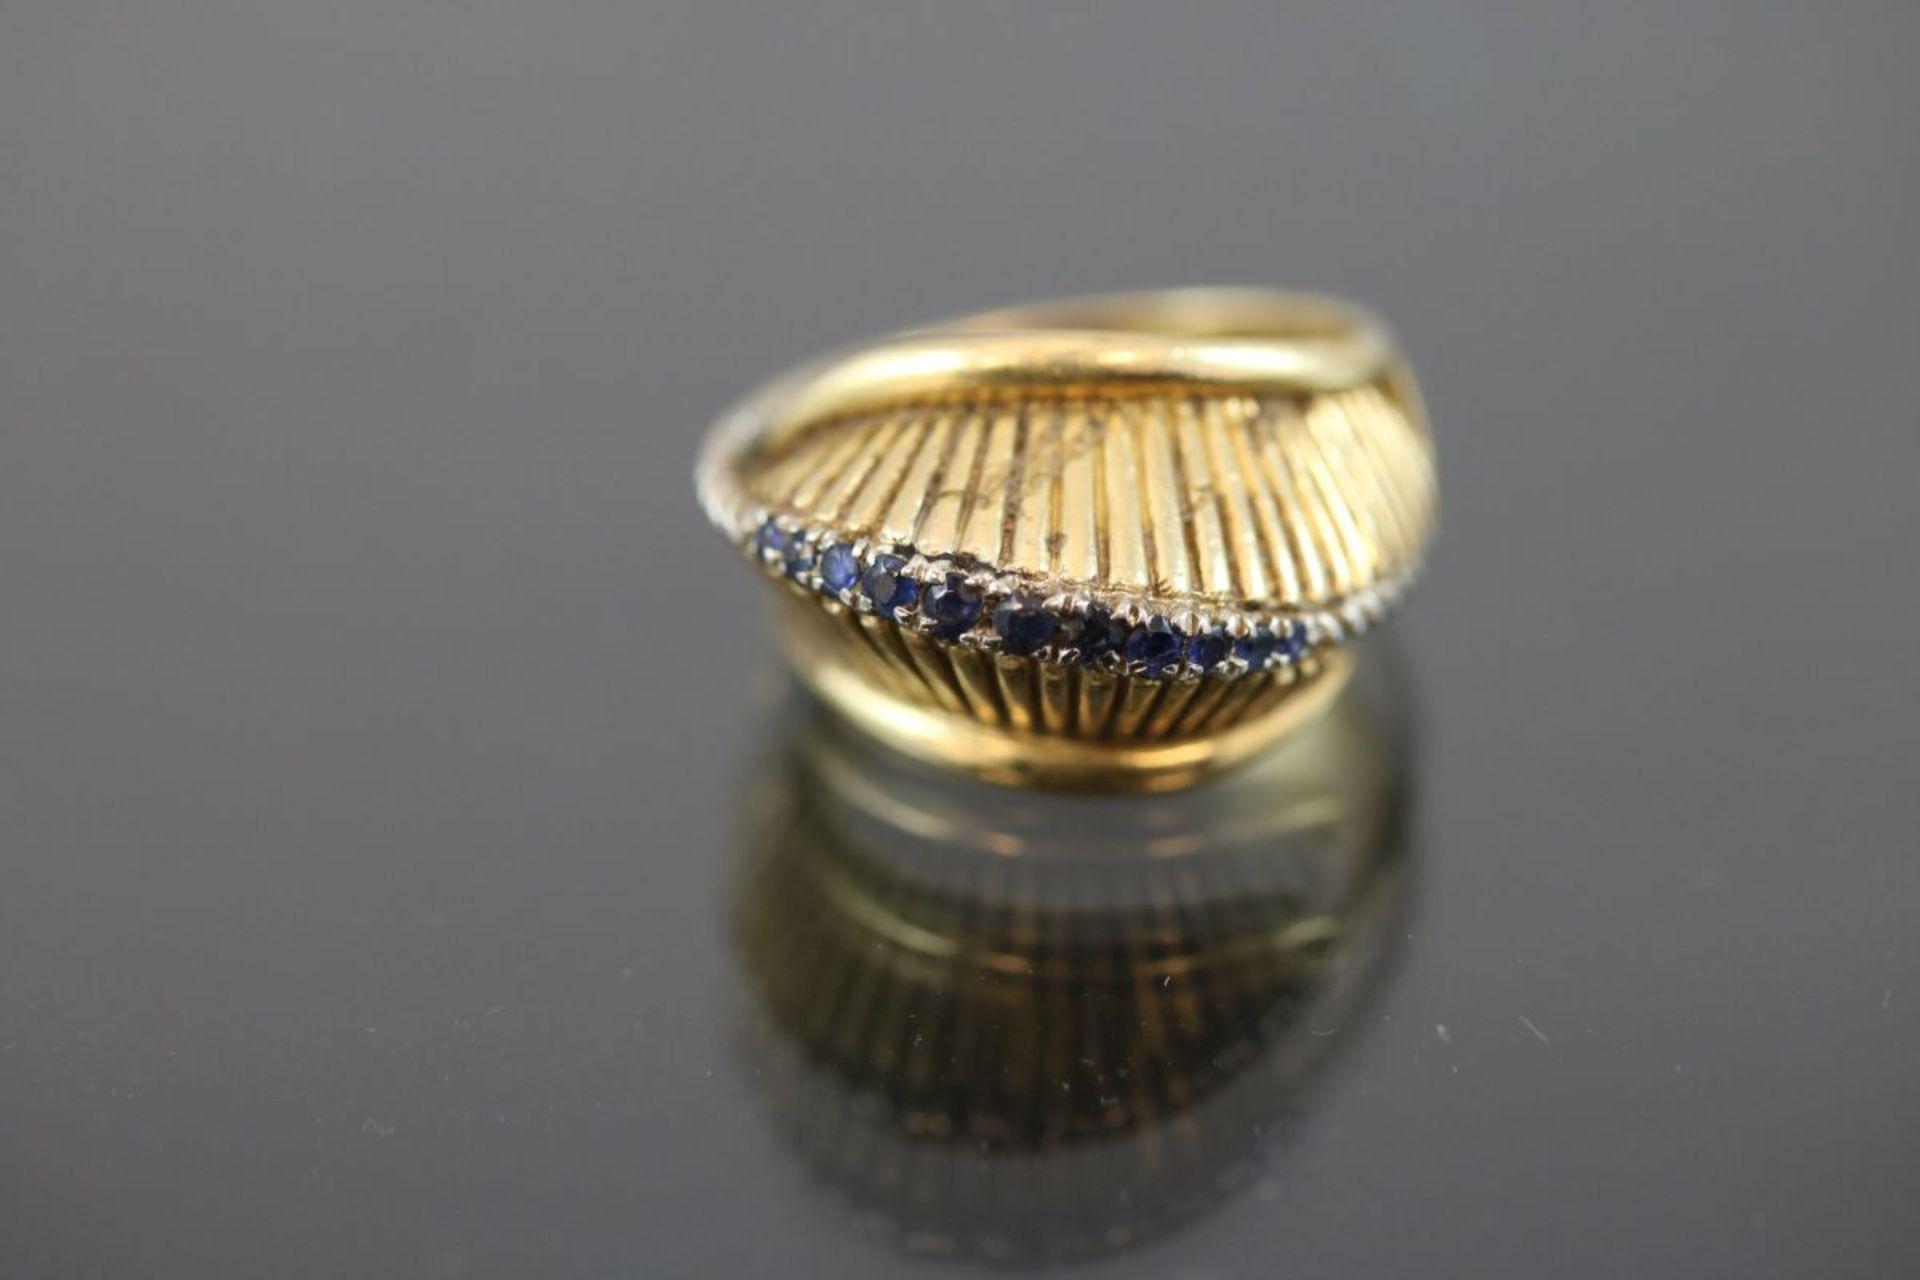 Saphir-Ring, 750 Gelbgold9,2 Gramm Ringgröße: 52Schätzpreis: 700,-